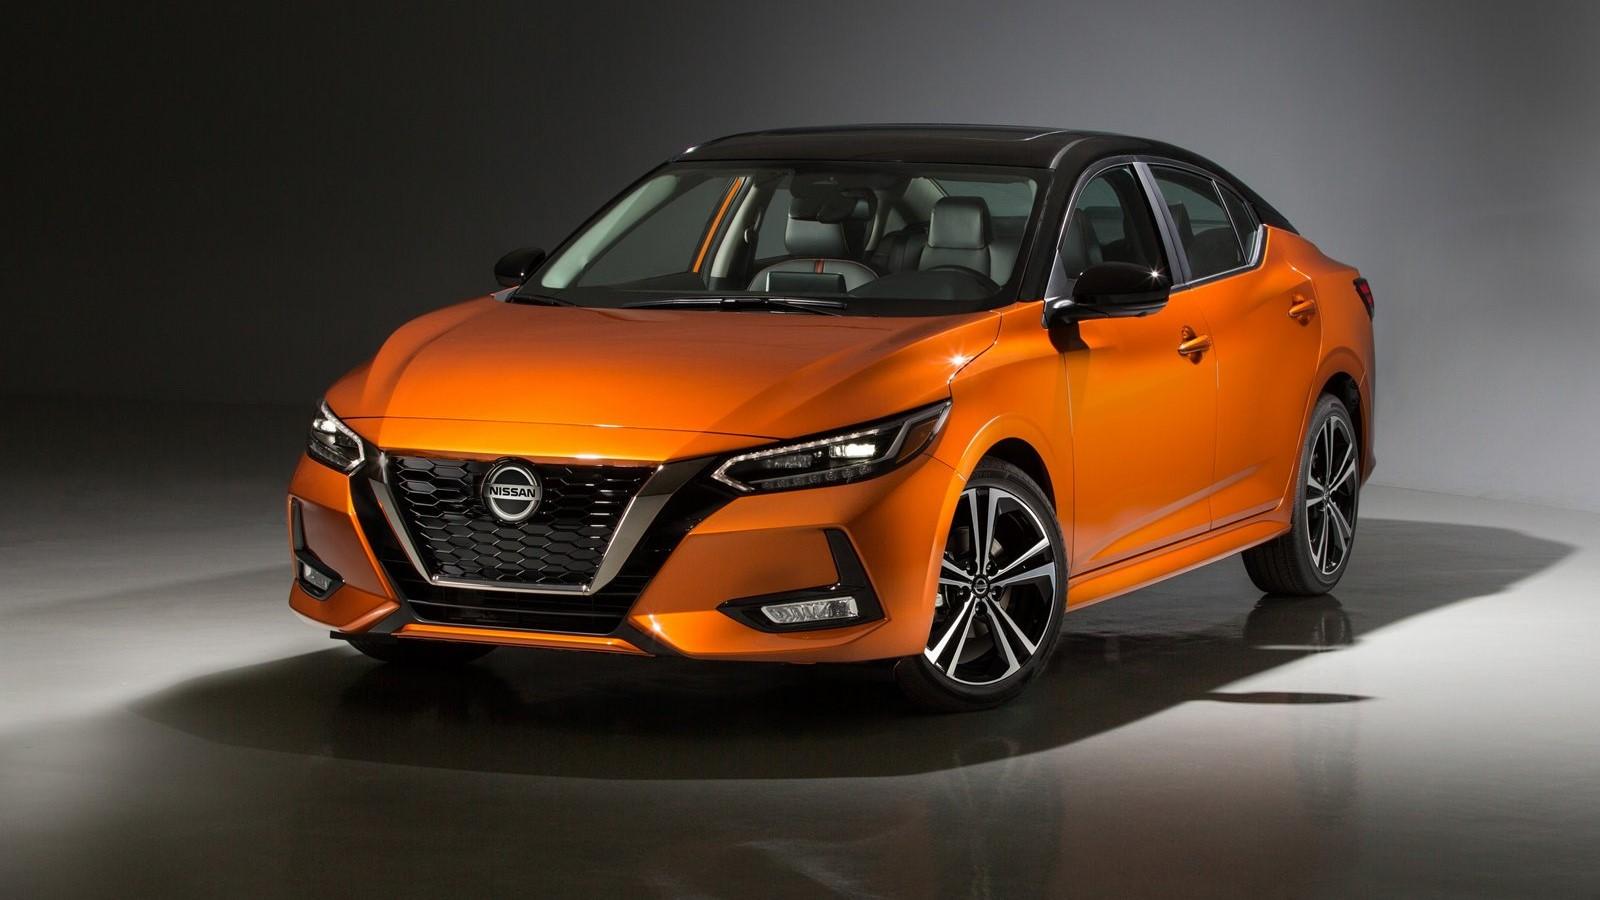 El Nissan Sentra 2020 sufrió una renovación importante en materia estética y mecánica